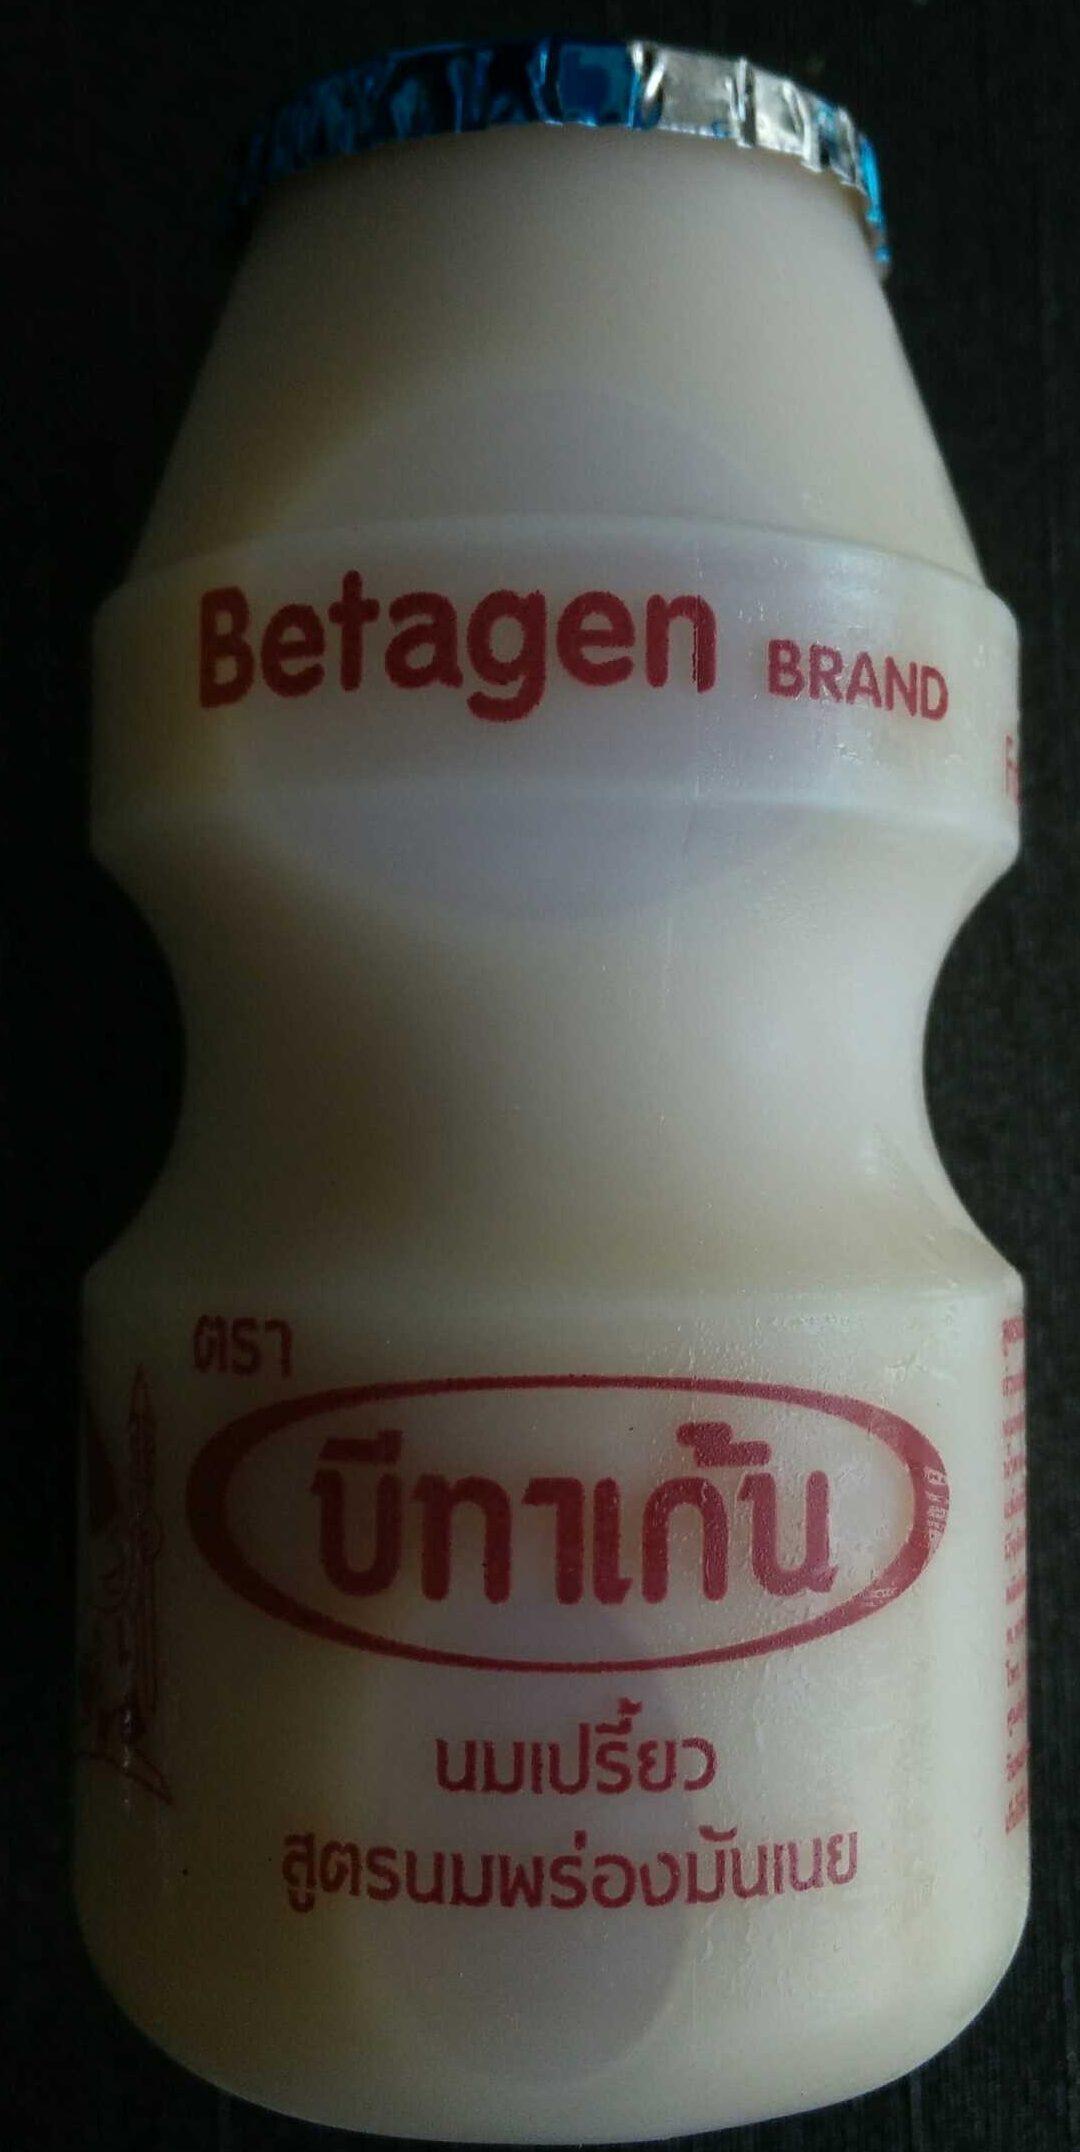 บีทาเก้น สูตรนมพร่องมันเนย - Product - th